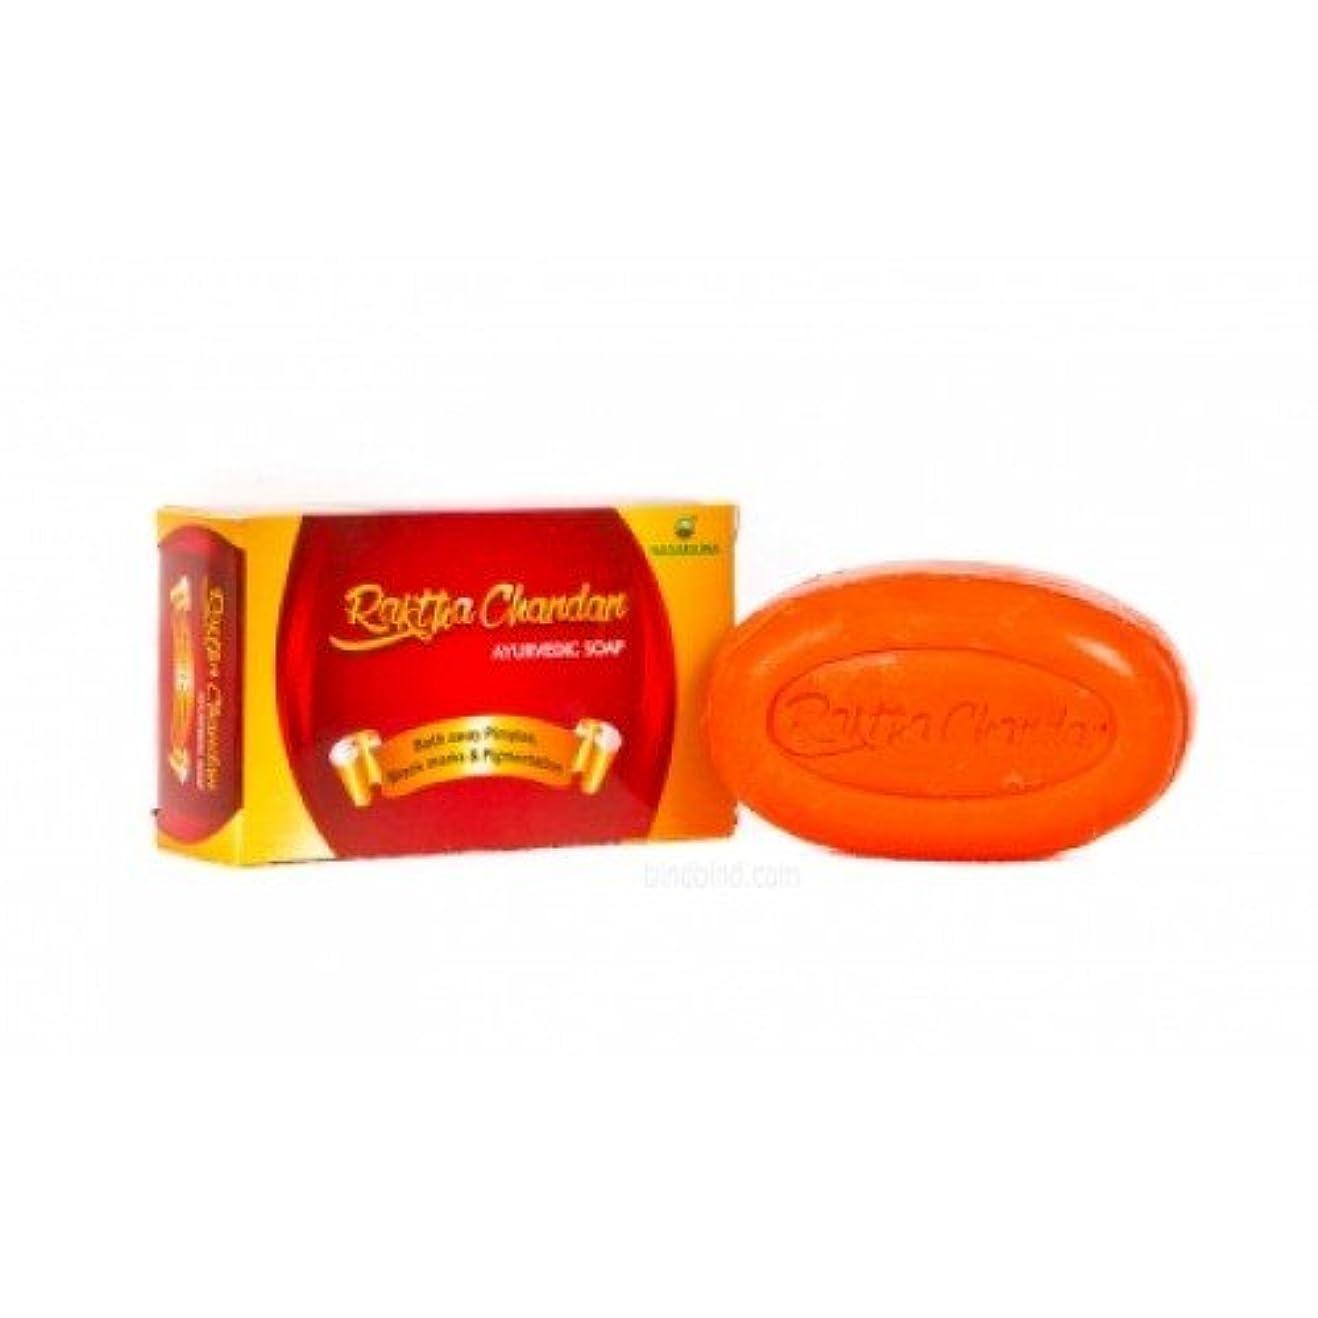 連続的インシデントトリムNagarjuna Raktha Chandan Ayurvedic Soap Best For Glowing Skin